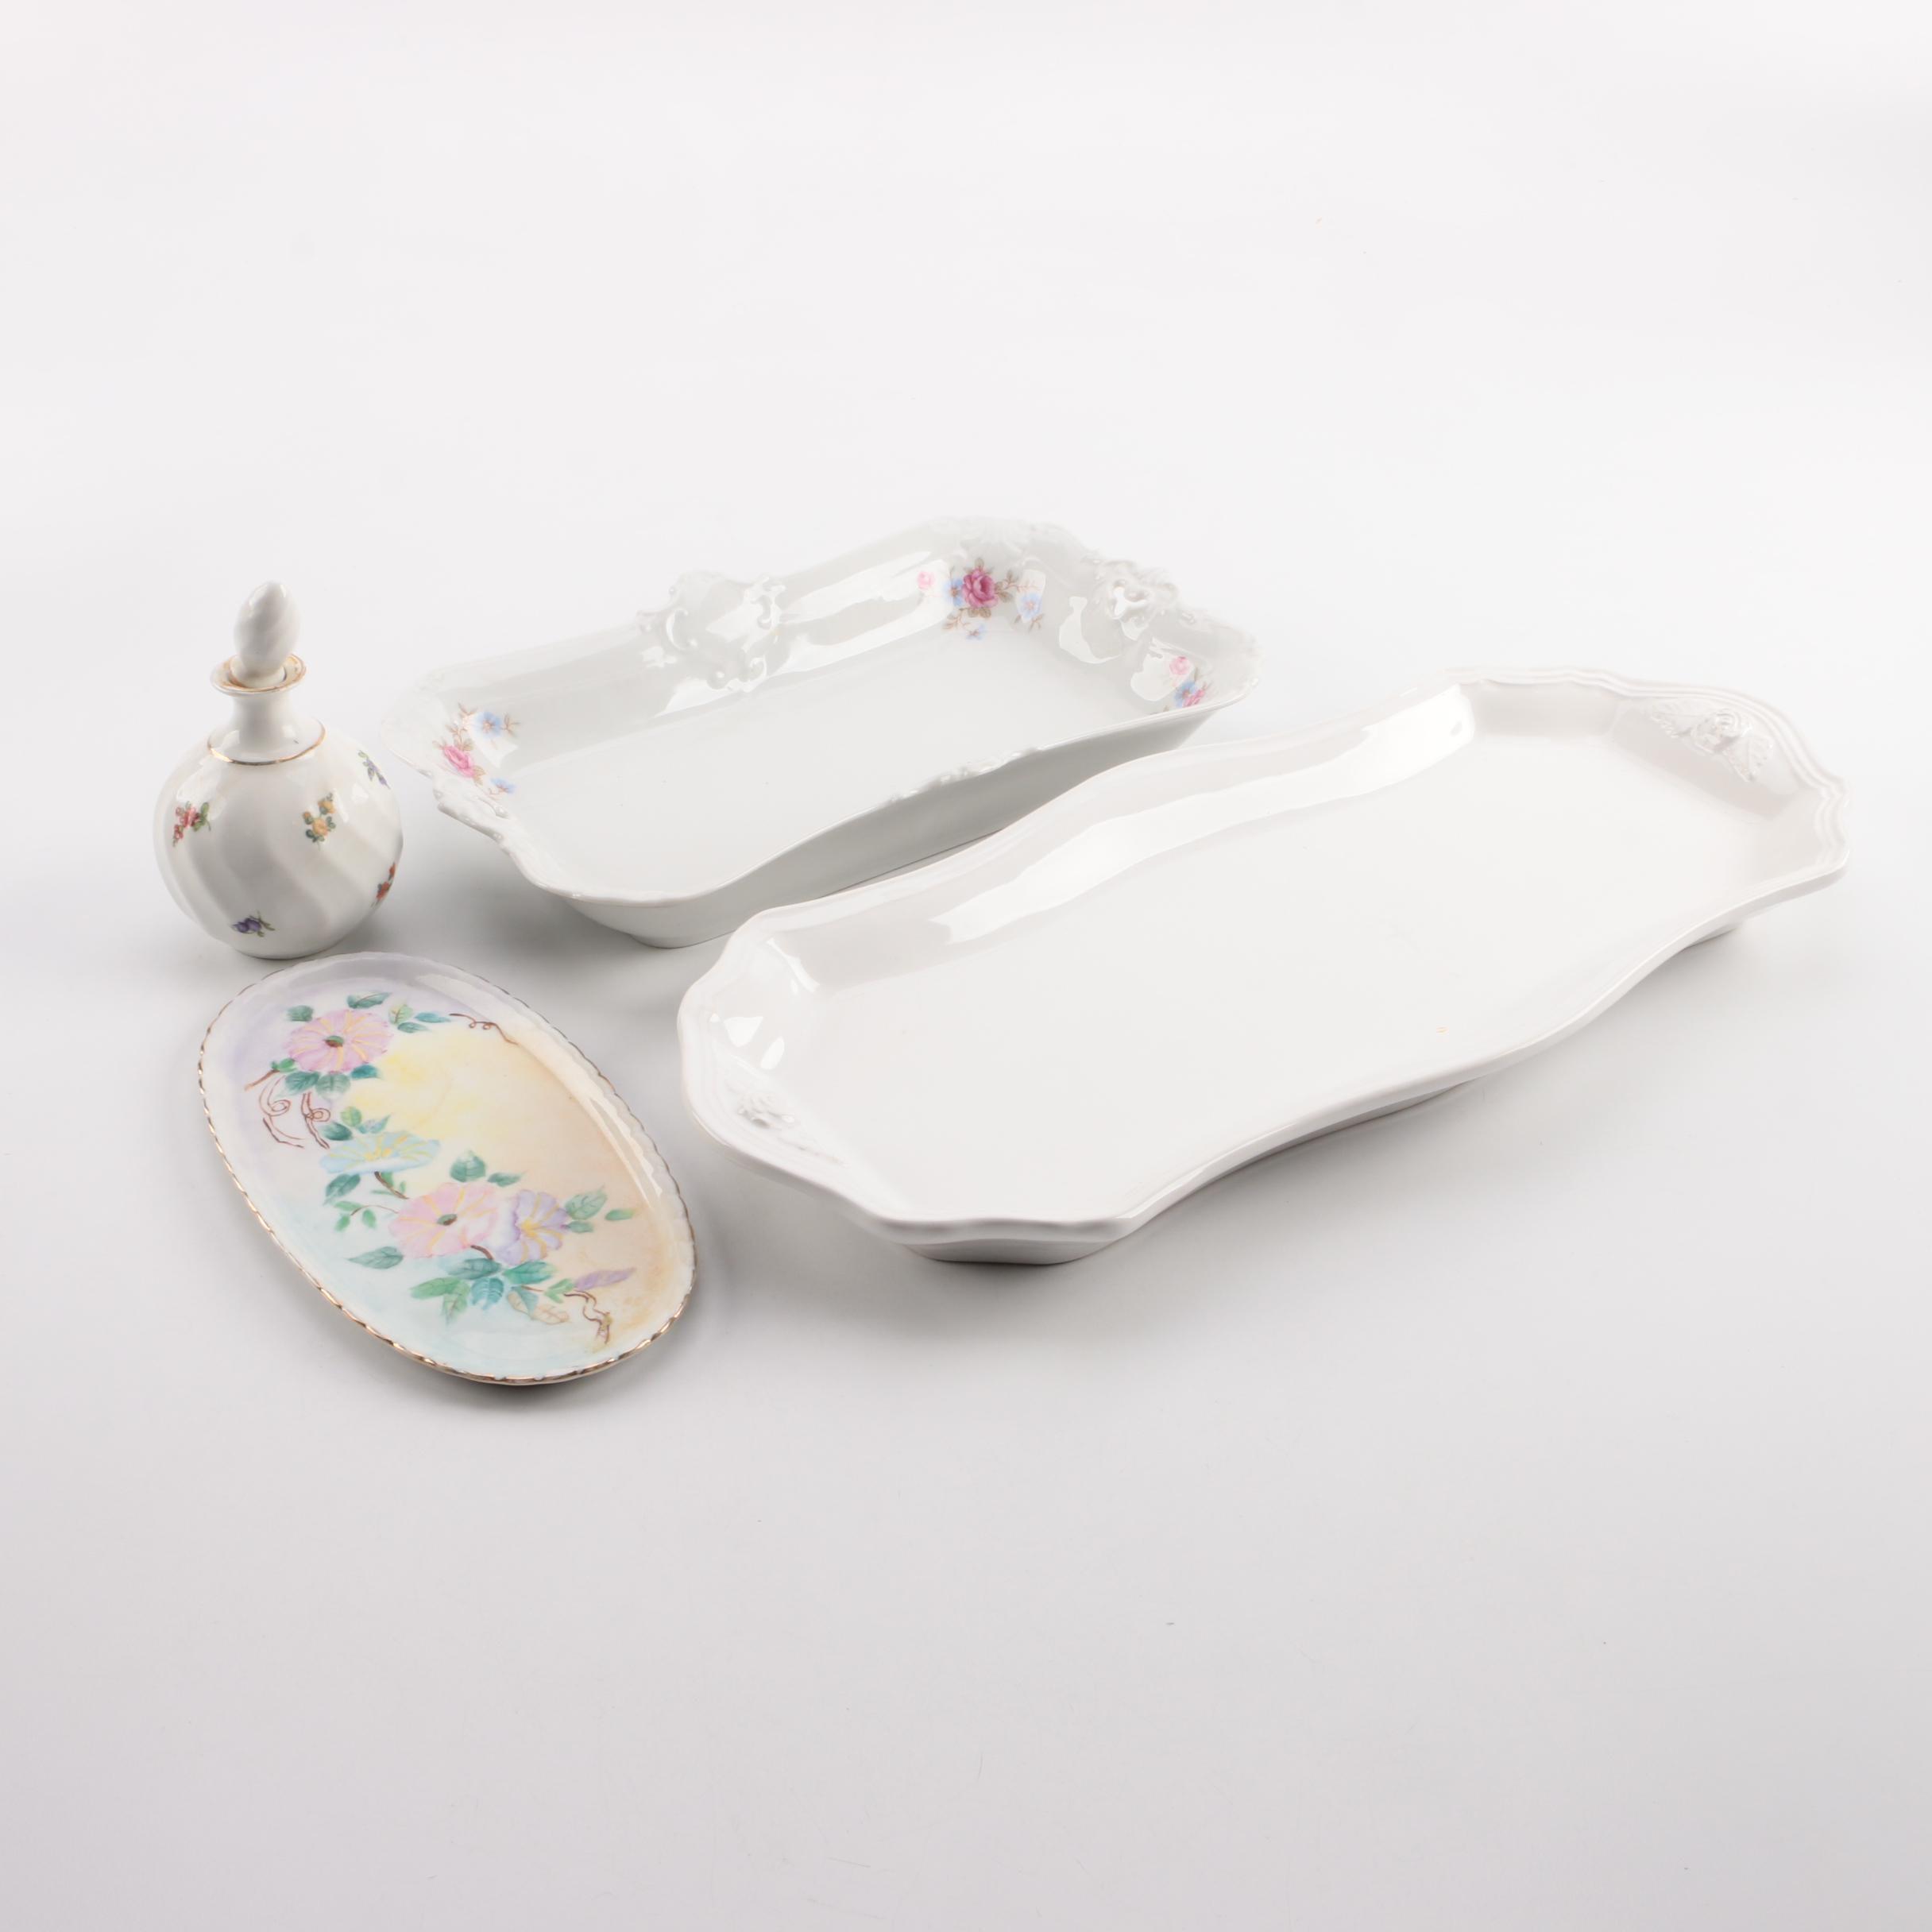 Vintage Porcelain Tableware and Decor